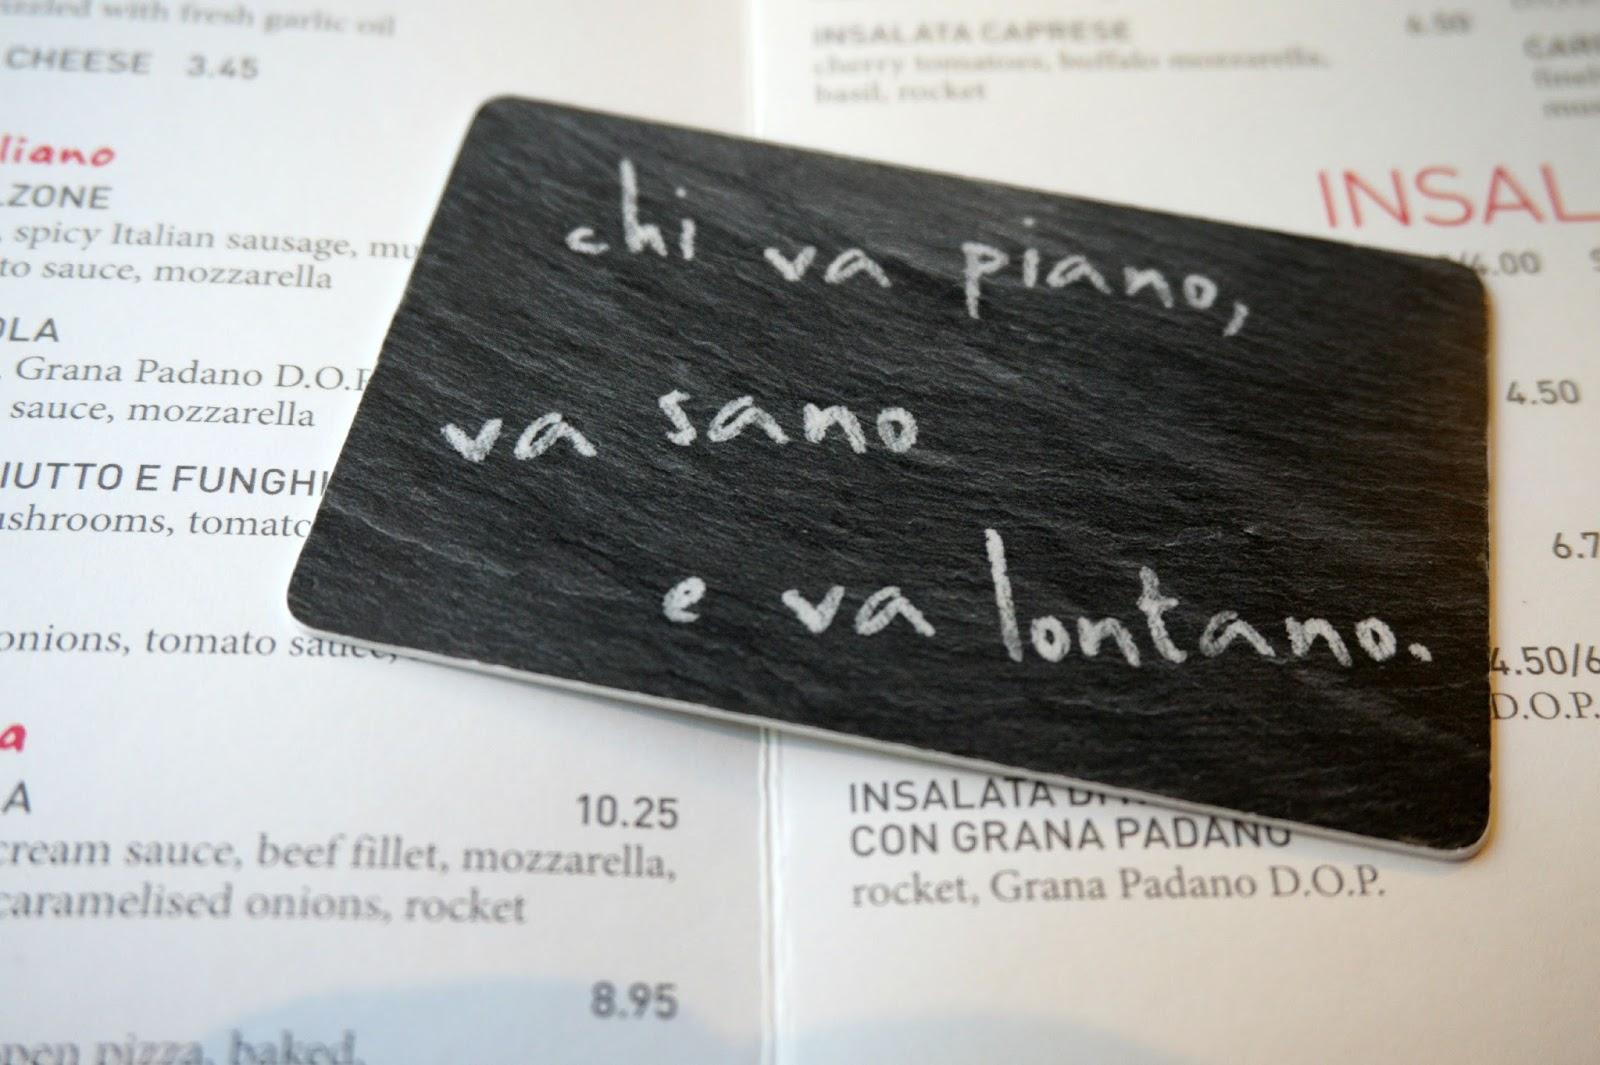 Vapiano Card